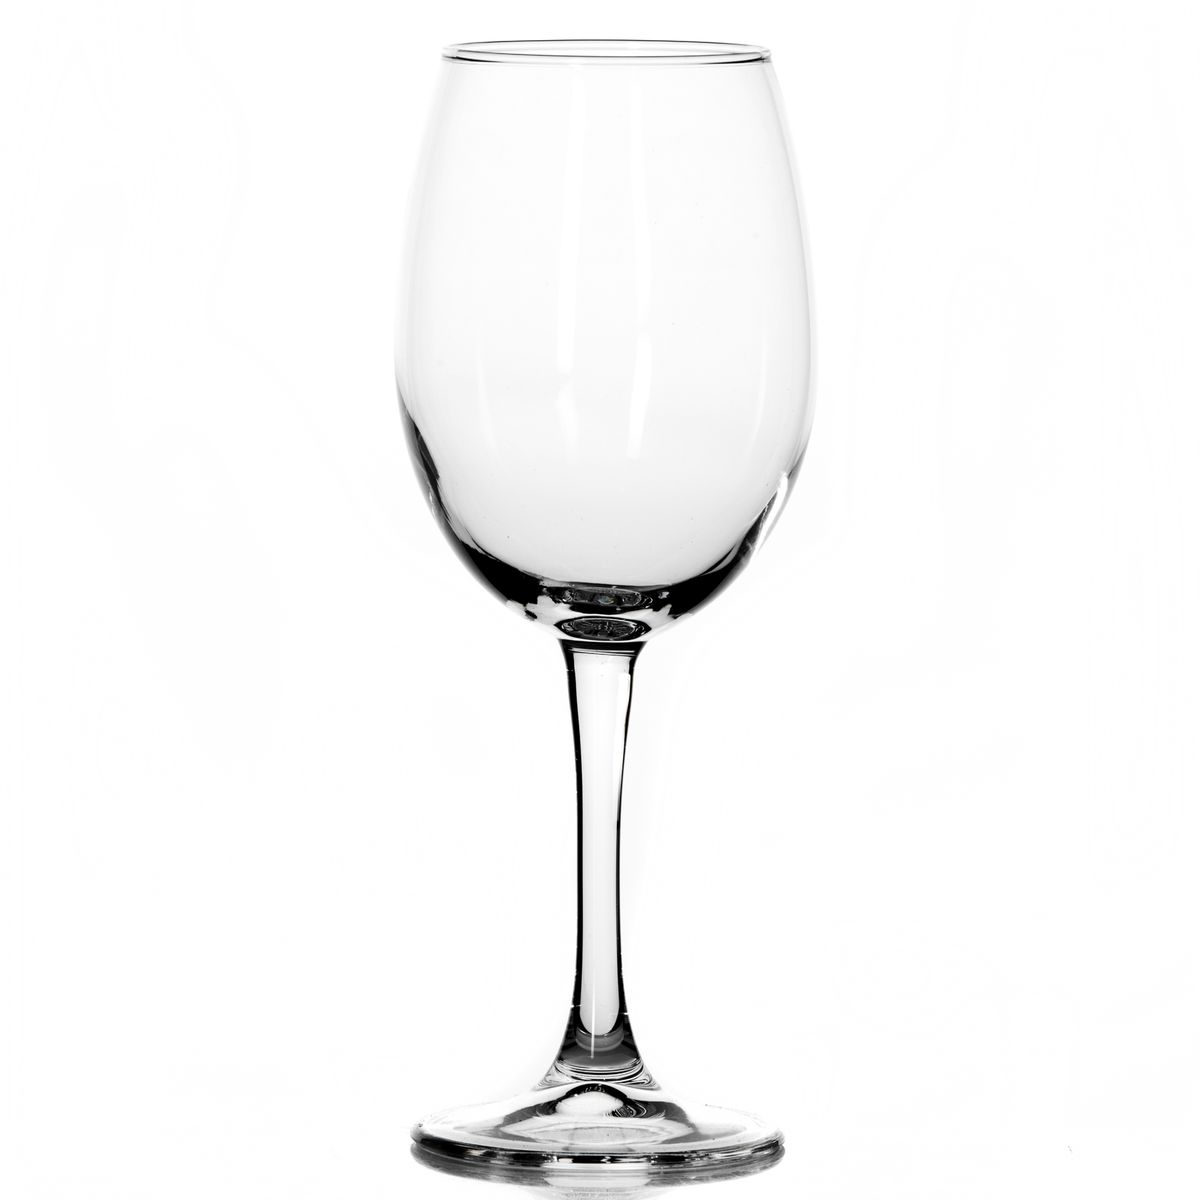 Набор бокалов для вина Pasabahce Classique, 445 мл, 2 шт440148BНабор Pasabahce Classique состоит из двух бокалов, выполненных из прочного натрий-кальций-силикатного стекла. Изделия оснащены изящными ножками и предназначены для подачи вина. Бокалы сочетают в себе элегантный дизайн и функциональность. Благодаря такому набору пить напитки будет еще вкуснее.Набор бокалов Pasabahce Classique прекрасно оформит праздничный стол и создаст приятную атмосферу за ужином. Такой набор также станет хорошим подарком к любому случаю. Можно мыть в посудомоечной машине и использовать в микроволновой печи.Диаметр бокала (по верхнему краю): 6 см. Высота бокала: 22 см.